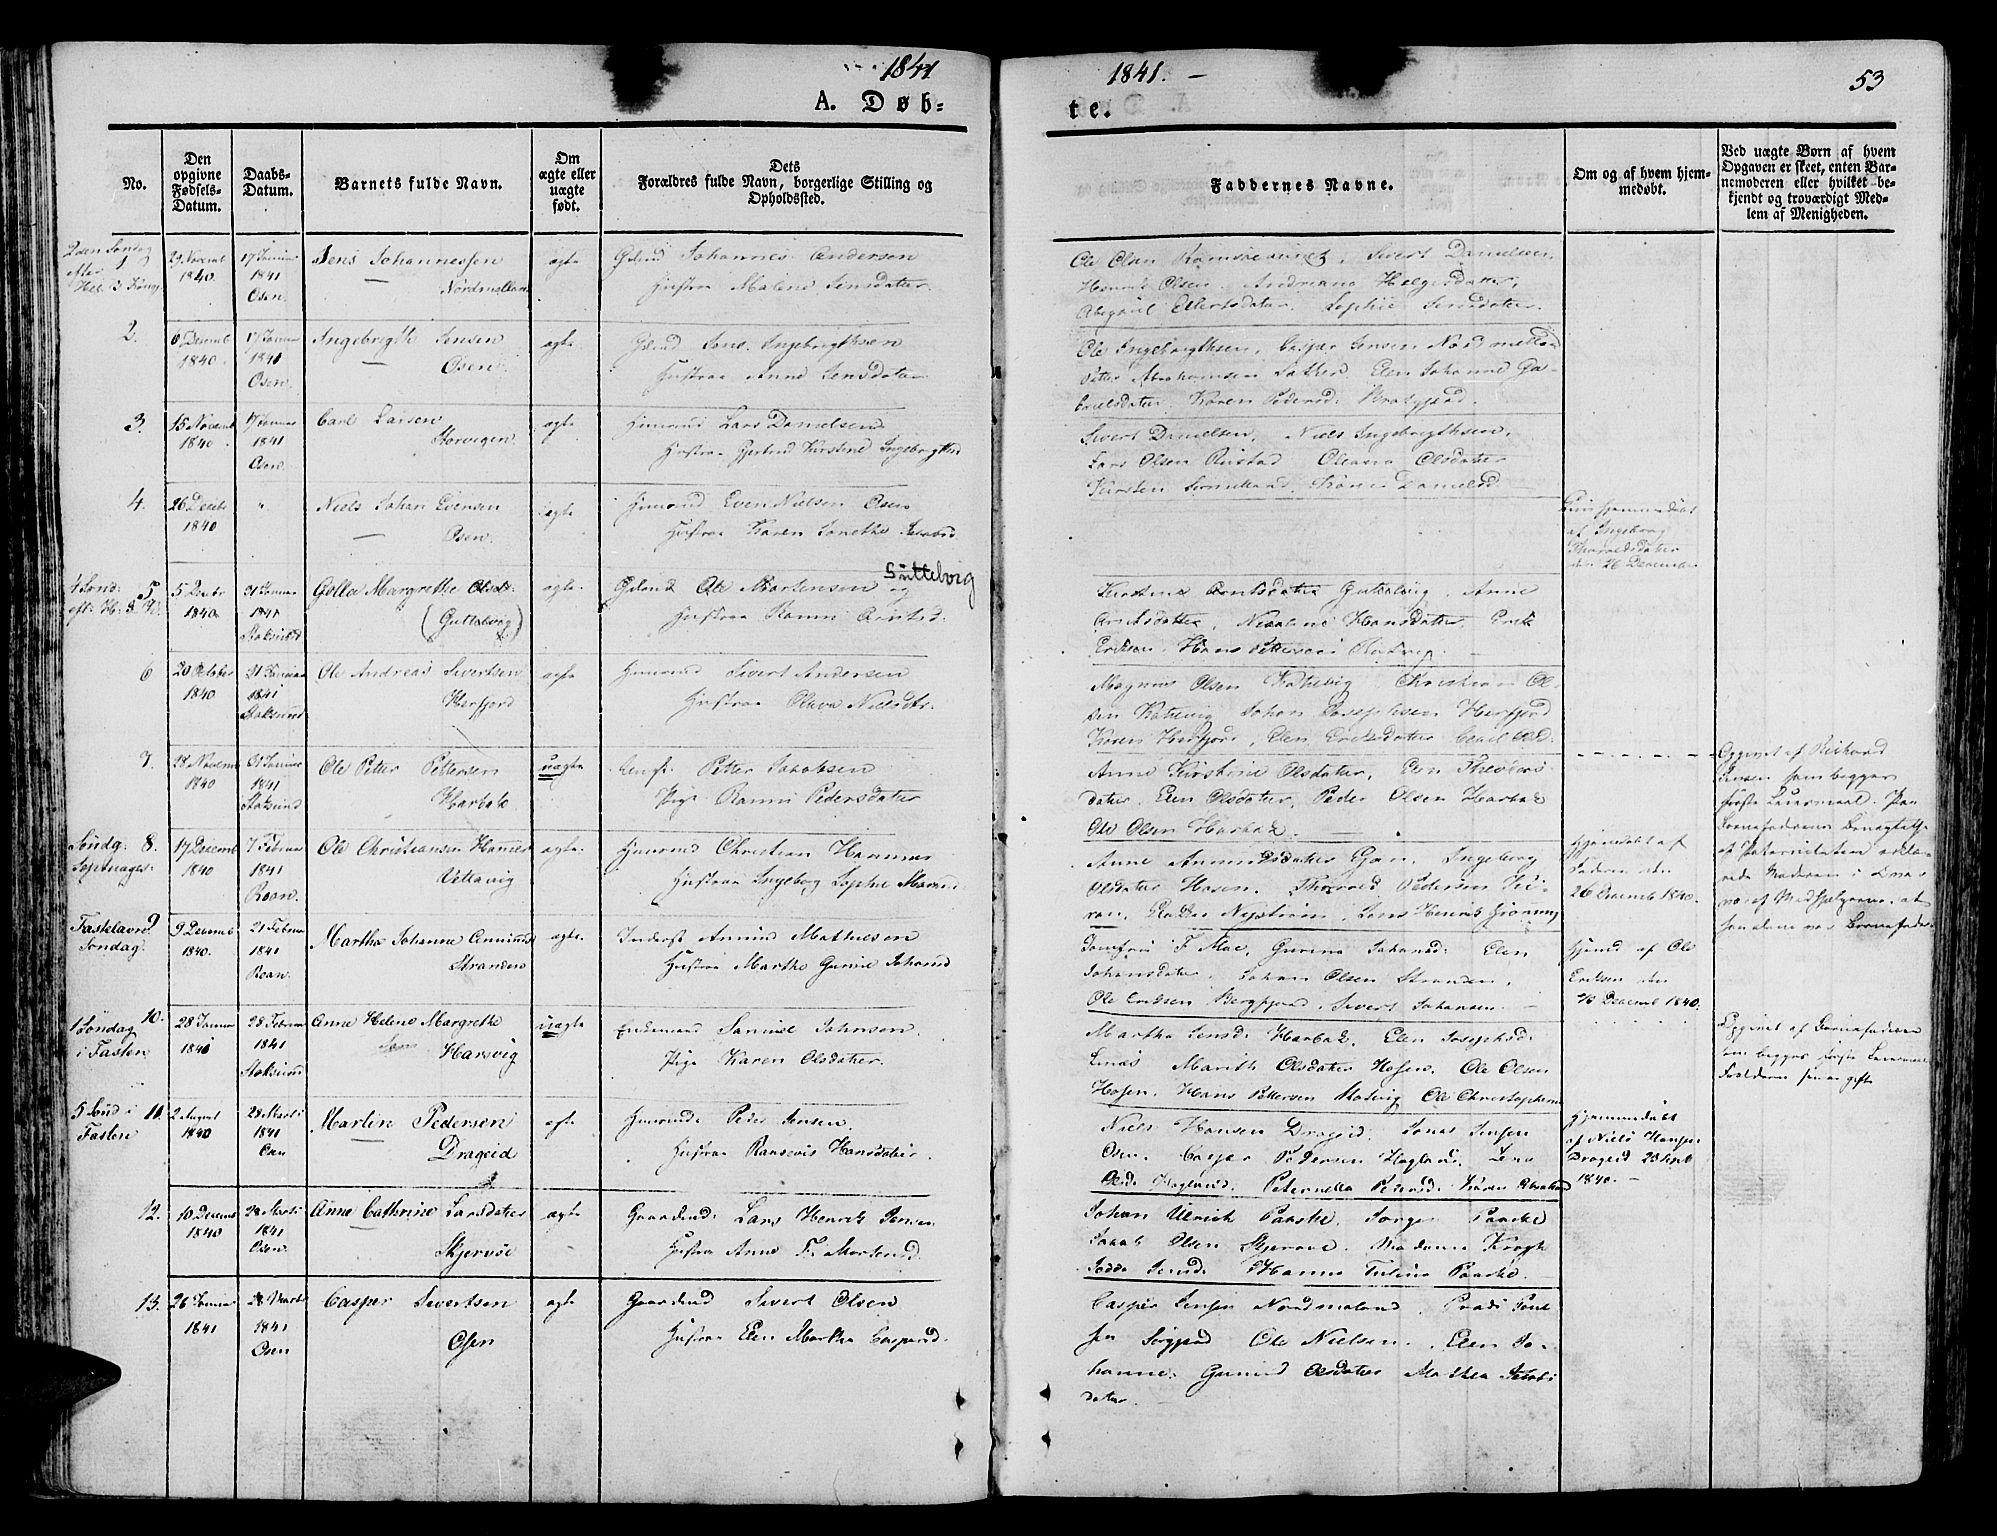 SAT, Ministerialprotokoller, klokkerbøker og fødselsregistre - Sør-Trøndelag, 657/L0703: Ministerialbok nr. 657A04, 1831-1846, s. 53